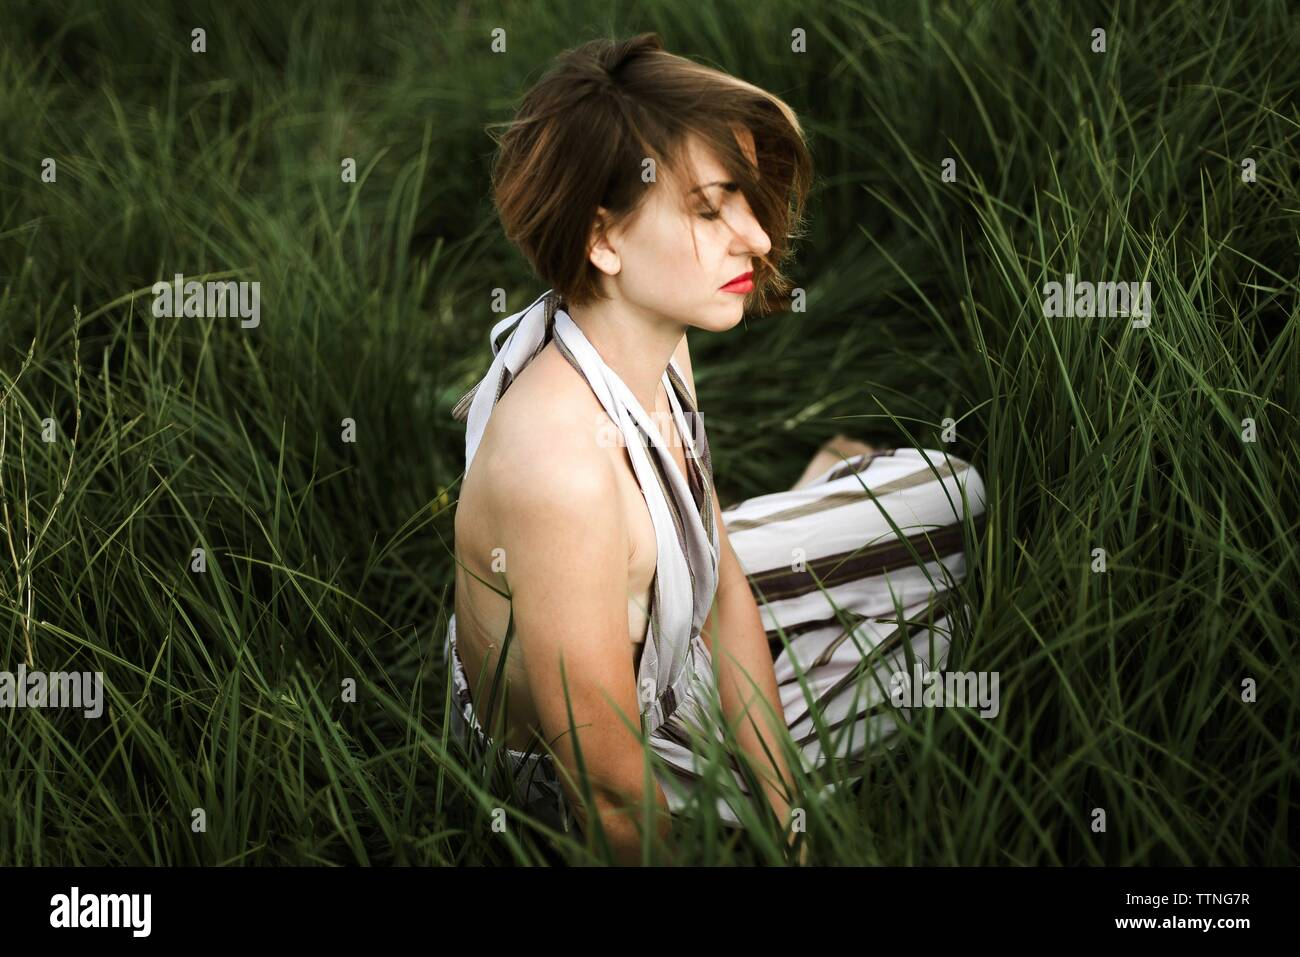 Ritratto di donna bella nel vestire rilassante sul campo erboso Foto Stock